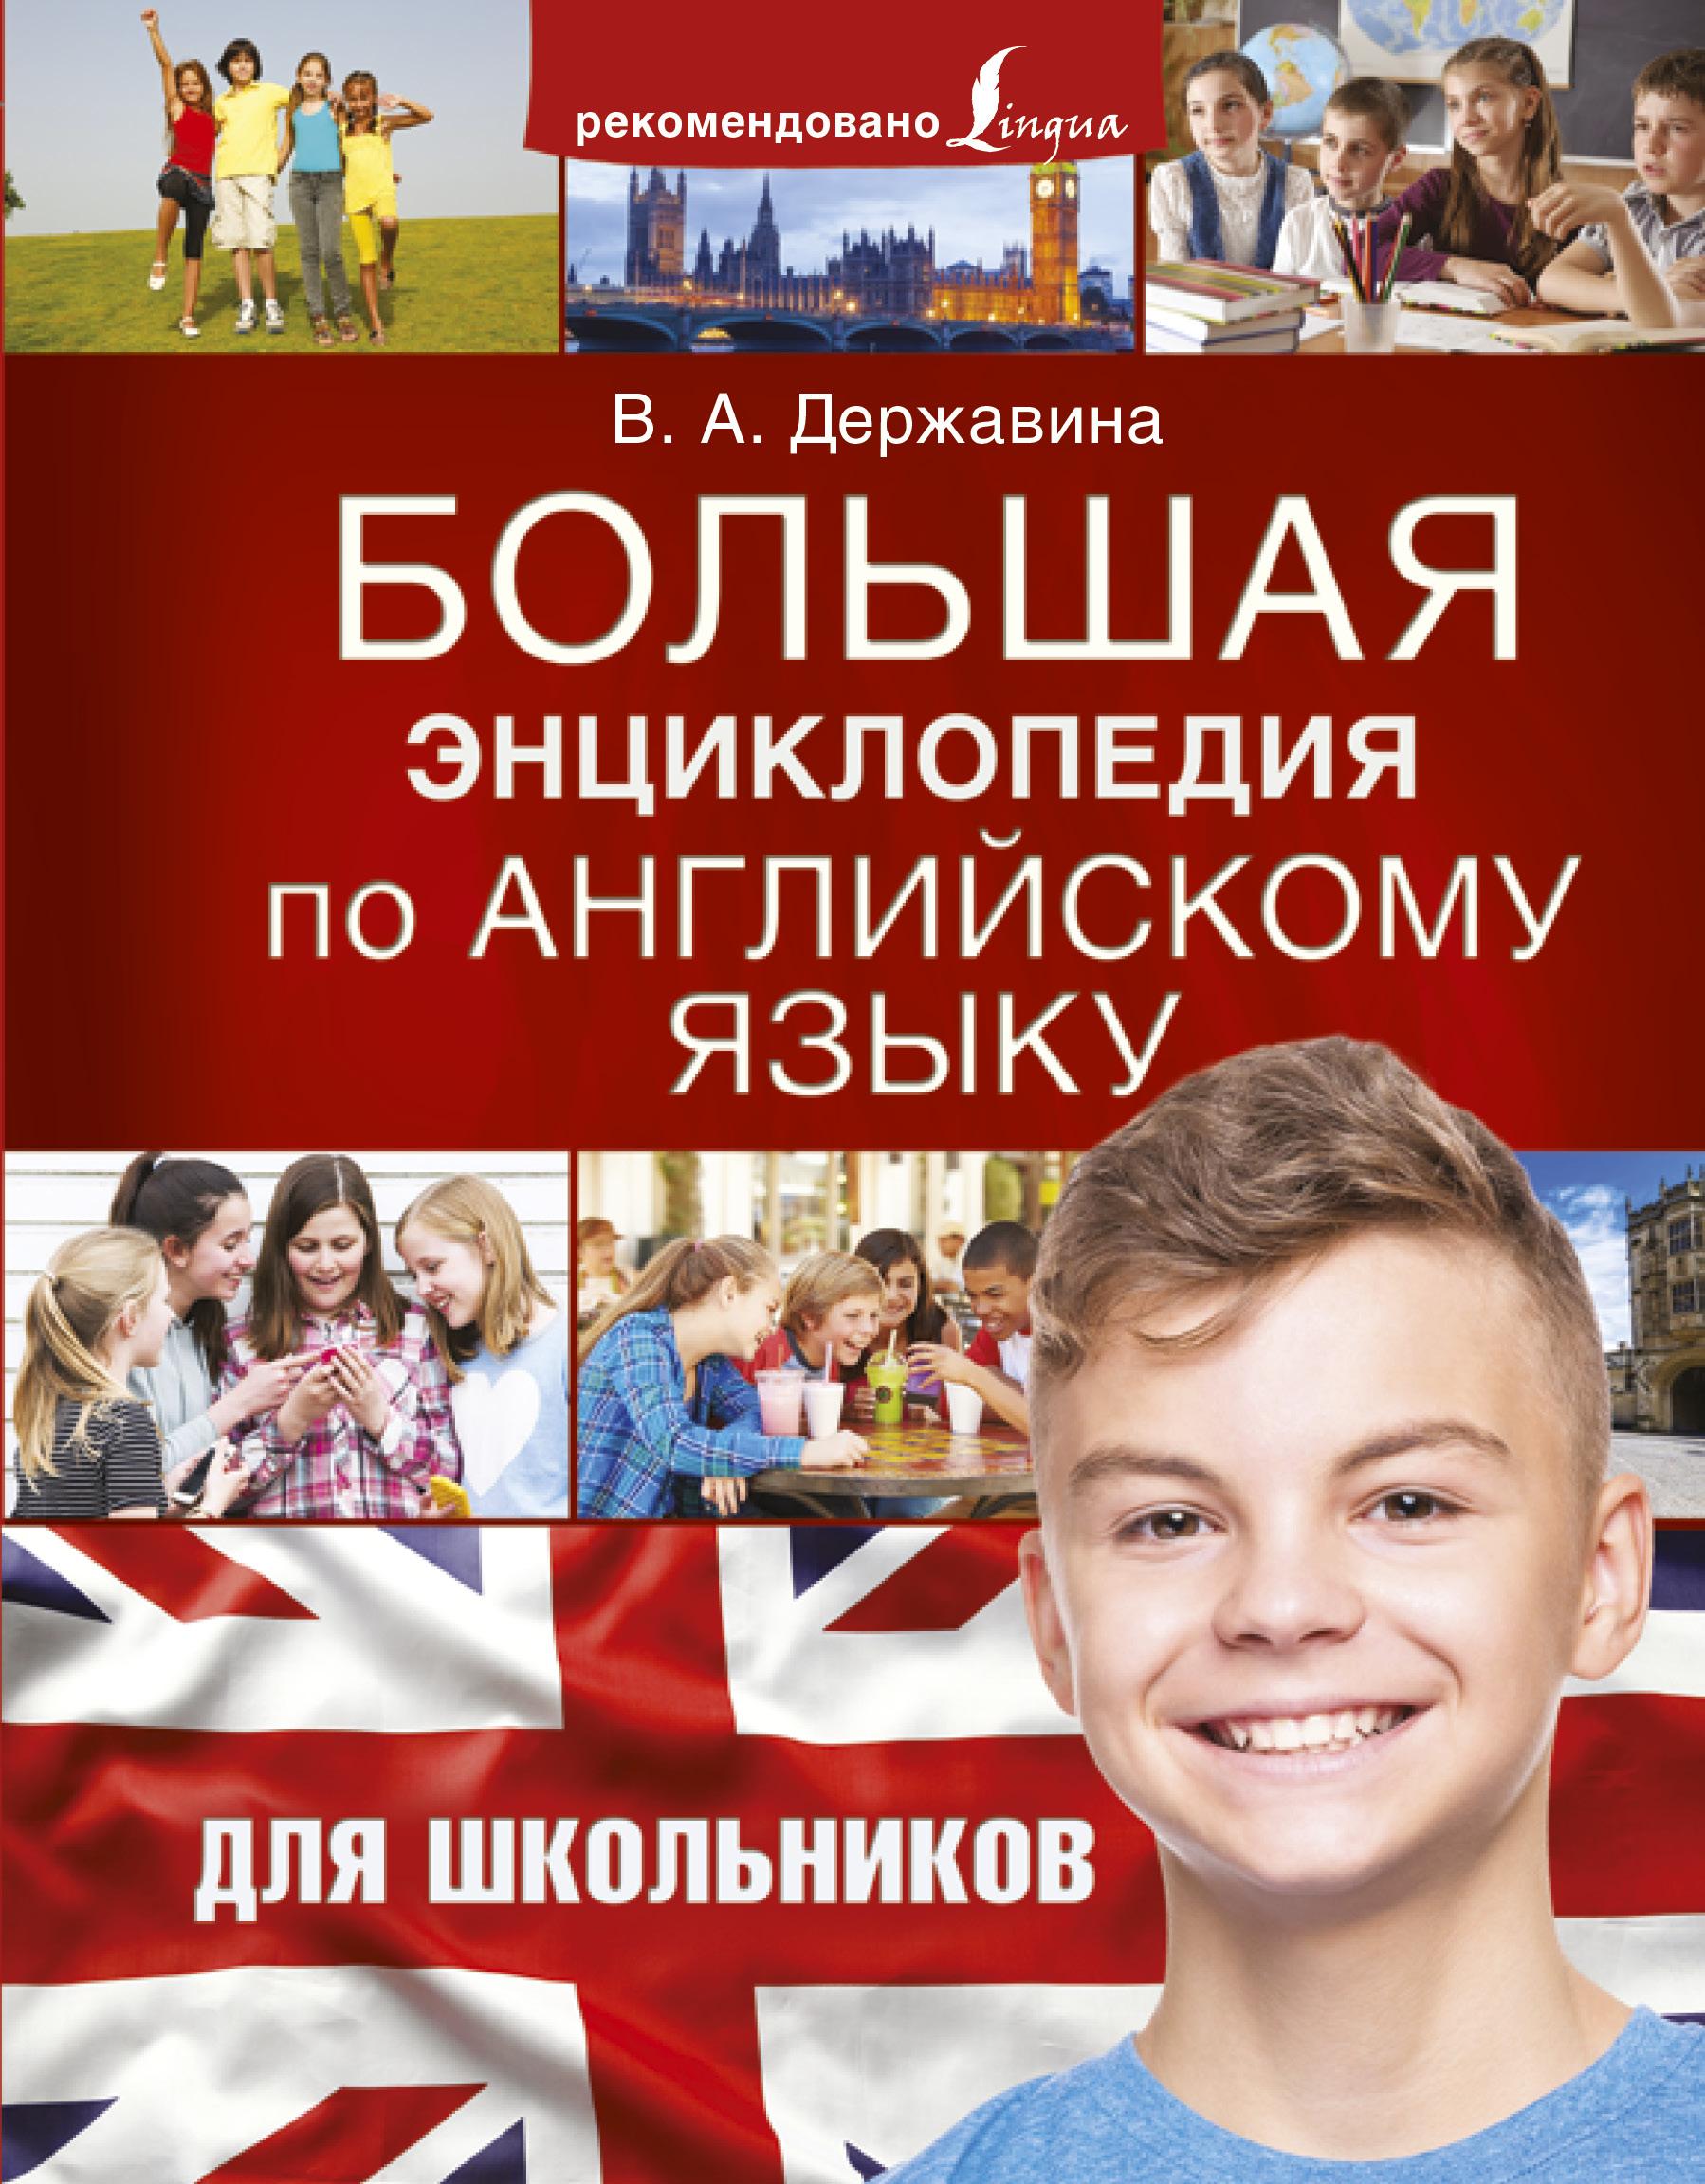 Державина В.А. Большая энциклопедия по английскому языку для школьников